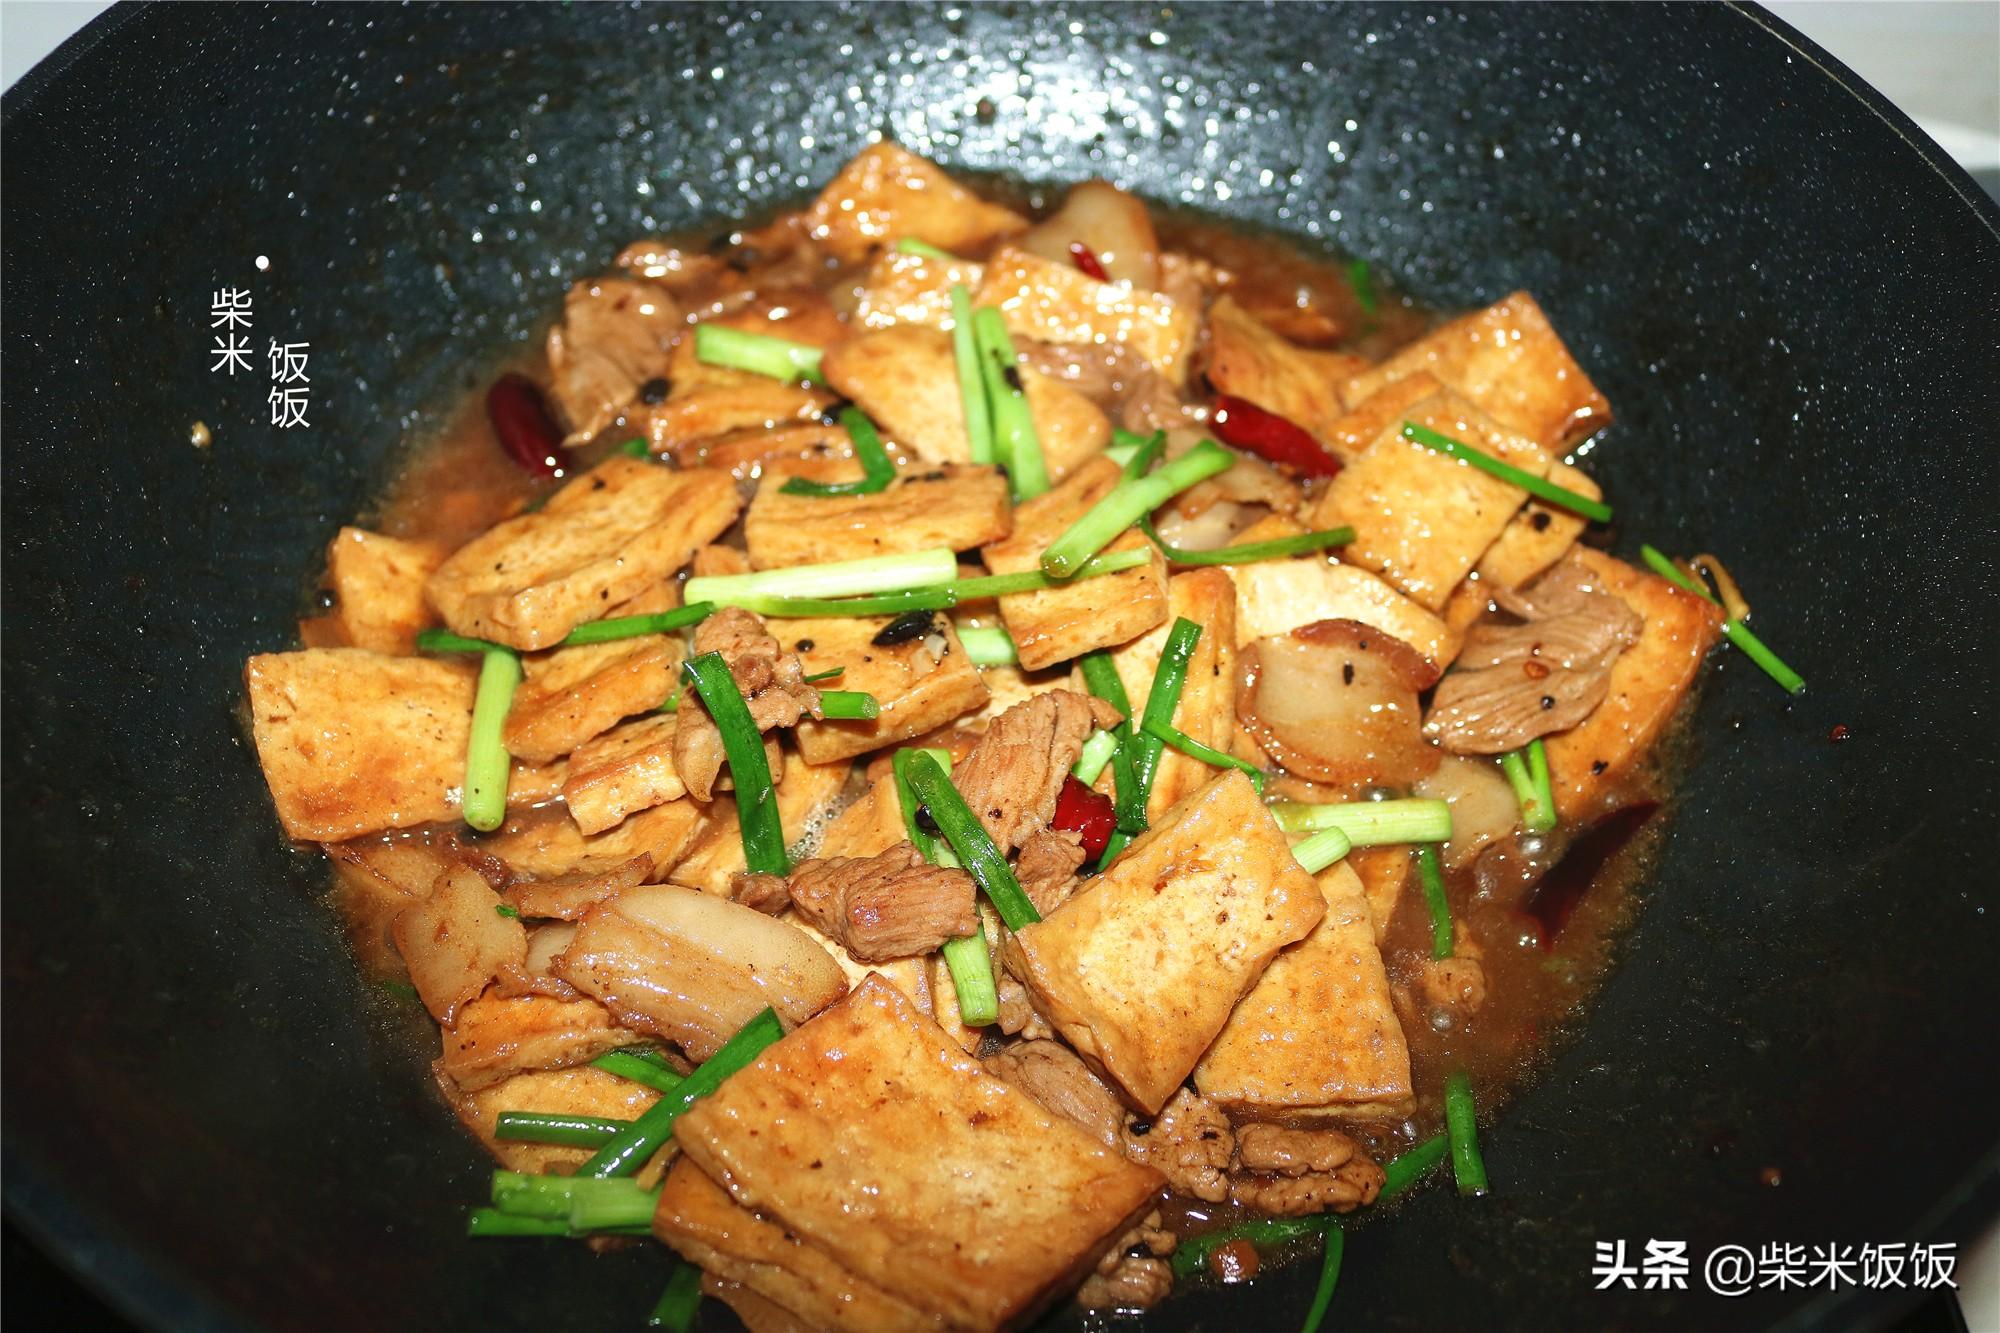 豆腐这样做太好吃了,入味又多汁 美食做法 第7张